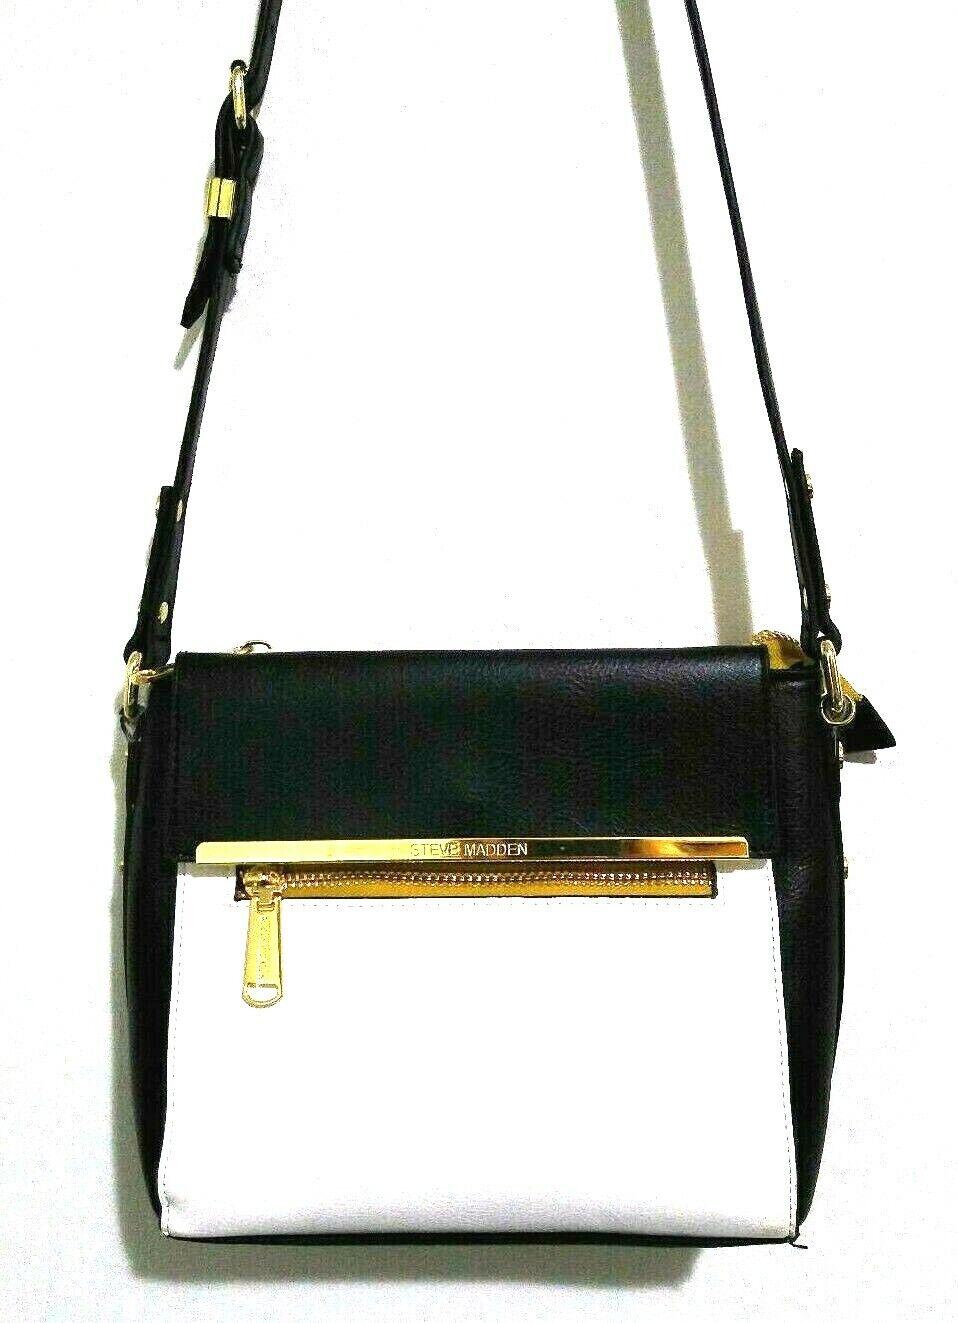 Steve Madden Crossbody Bag Adjustable Strap Black White Gold 11 x 8